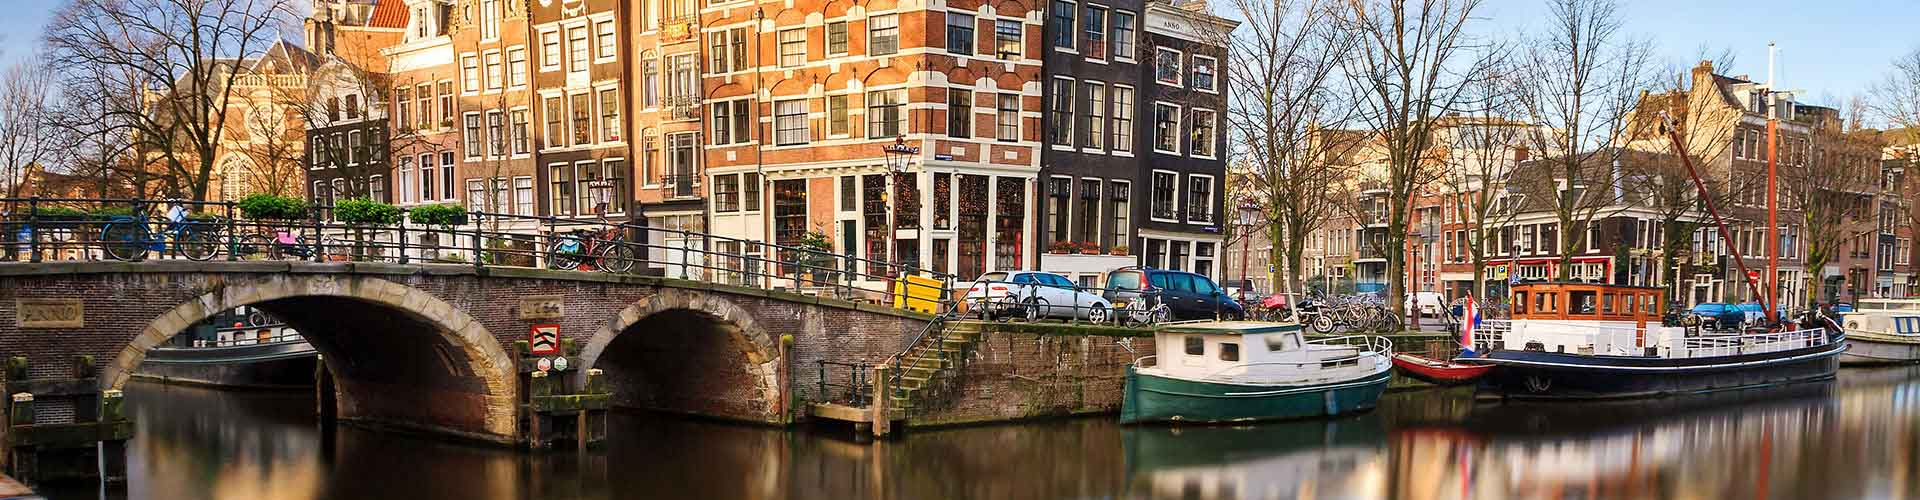 Amszterdam - Ifjúsági Szállások Amszterdamben. Amszterdam térképek, fotók és ajánlások minden egyes ifjúsági szállásokra Amszterdam-ben.